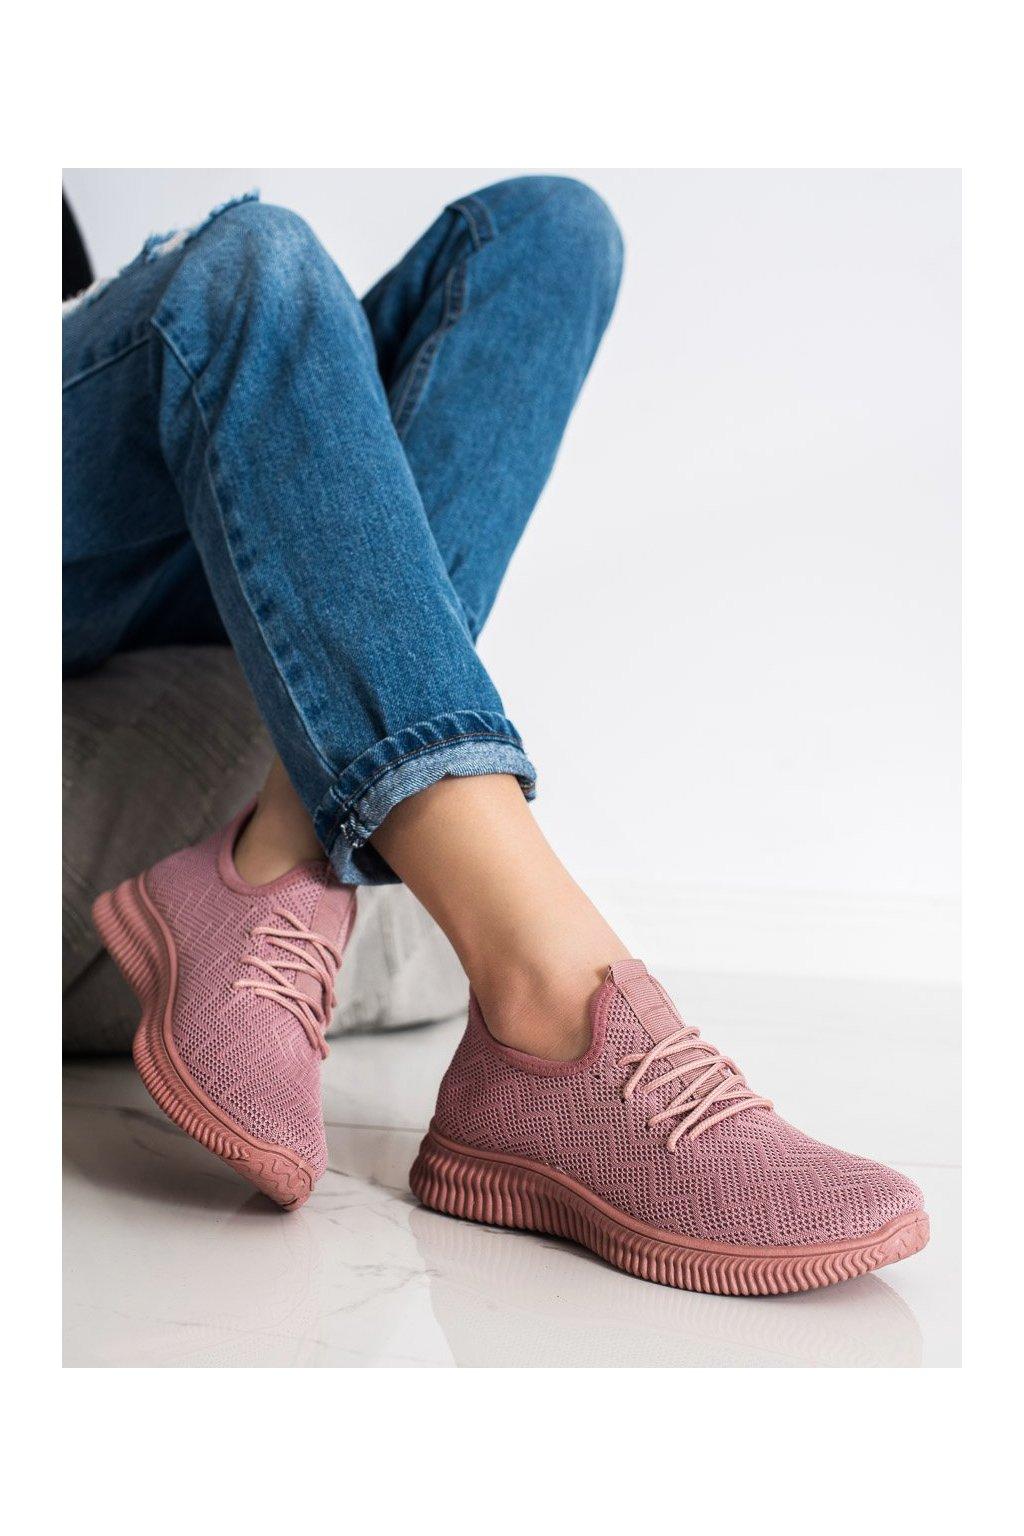 Ružové tenisky Shelovet kod J2201P